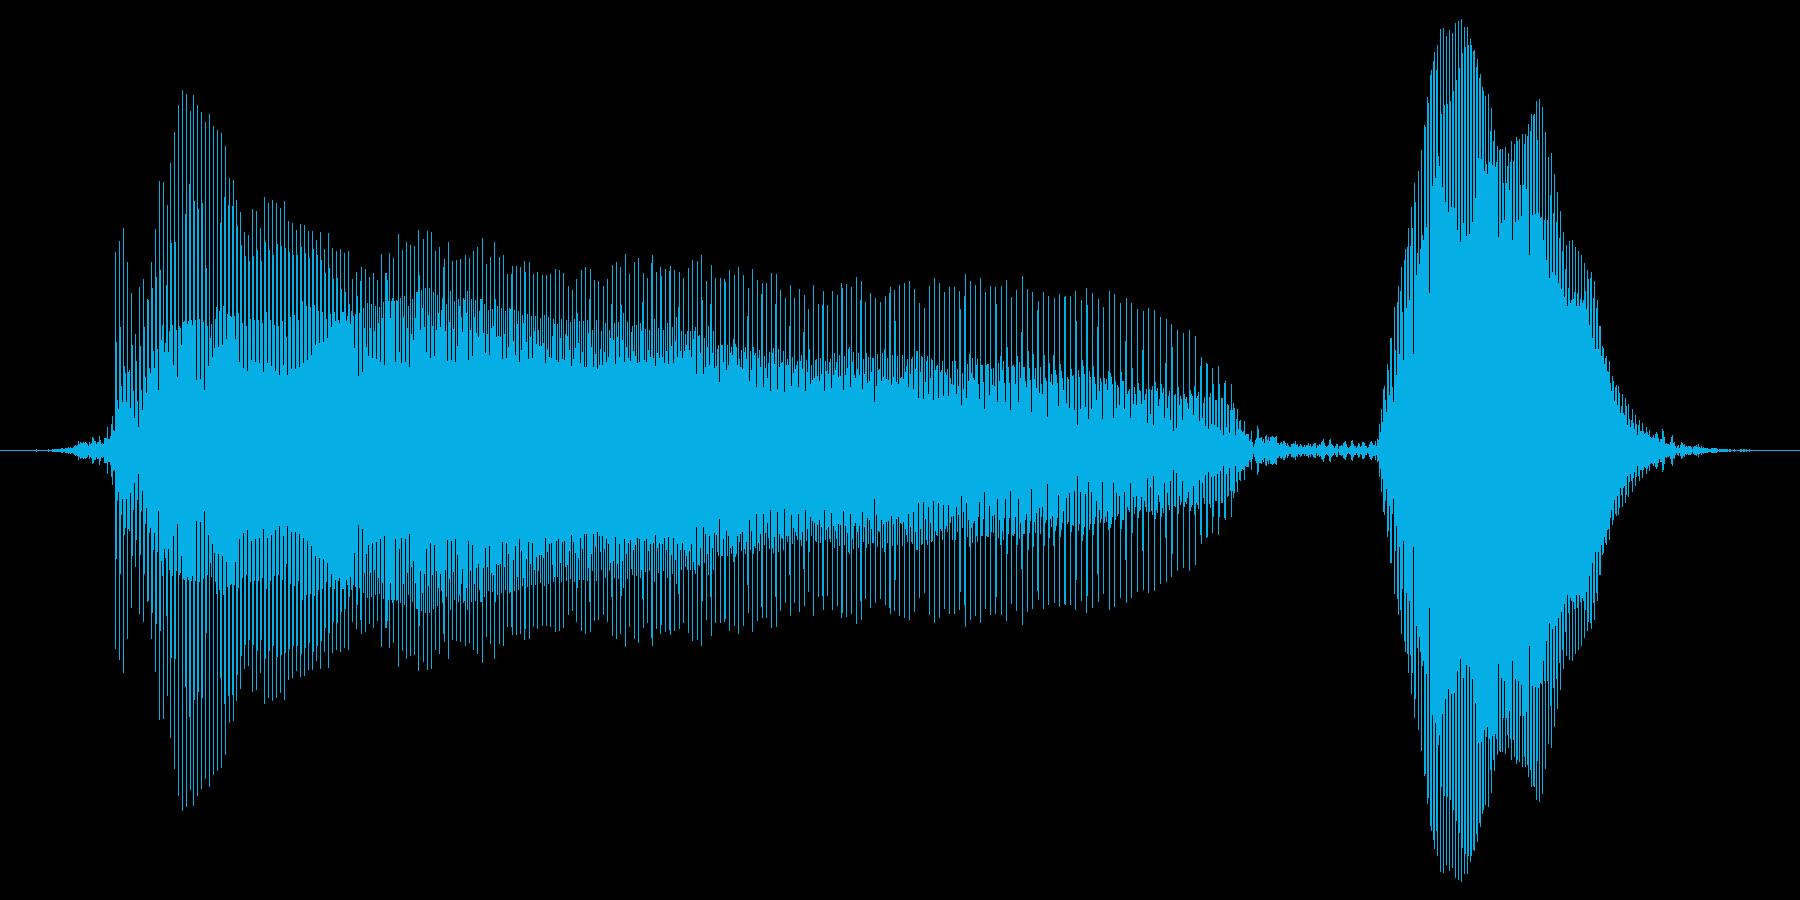 あーーーーほ!の再生済みの波形